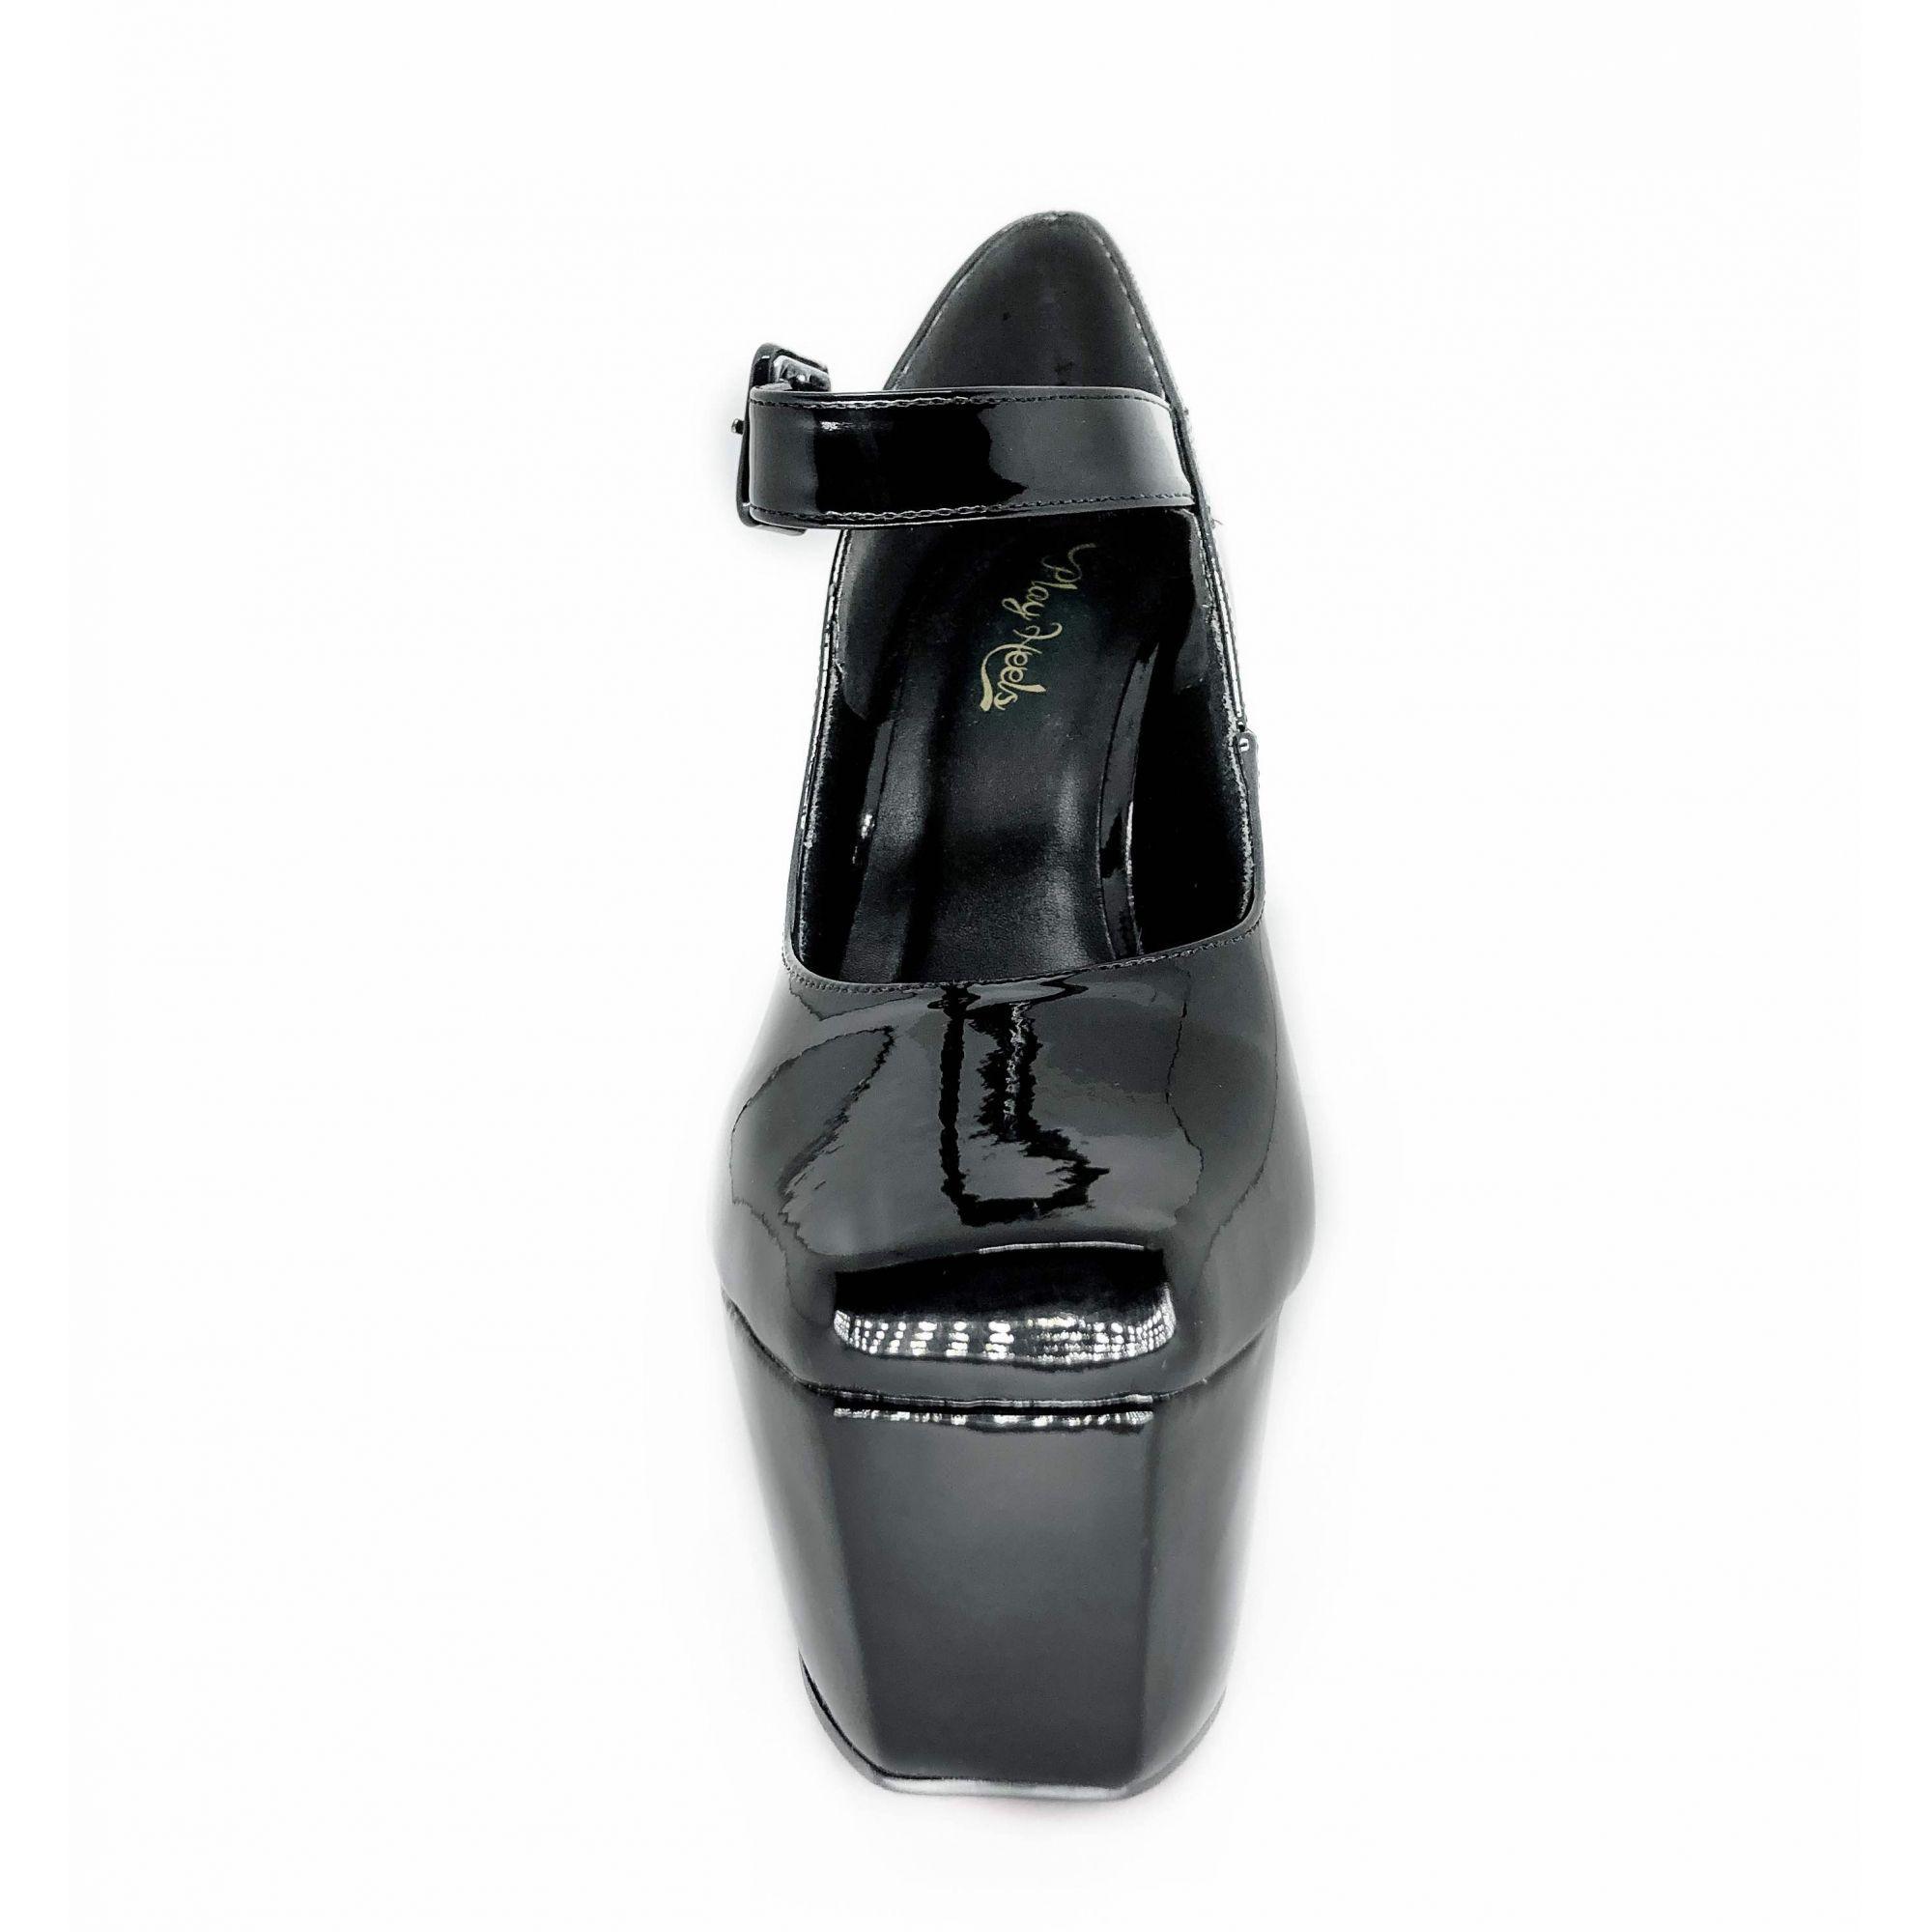 Sapato Doll Preto NR 40BR - Play Heels (pronta entrega)